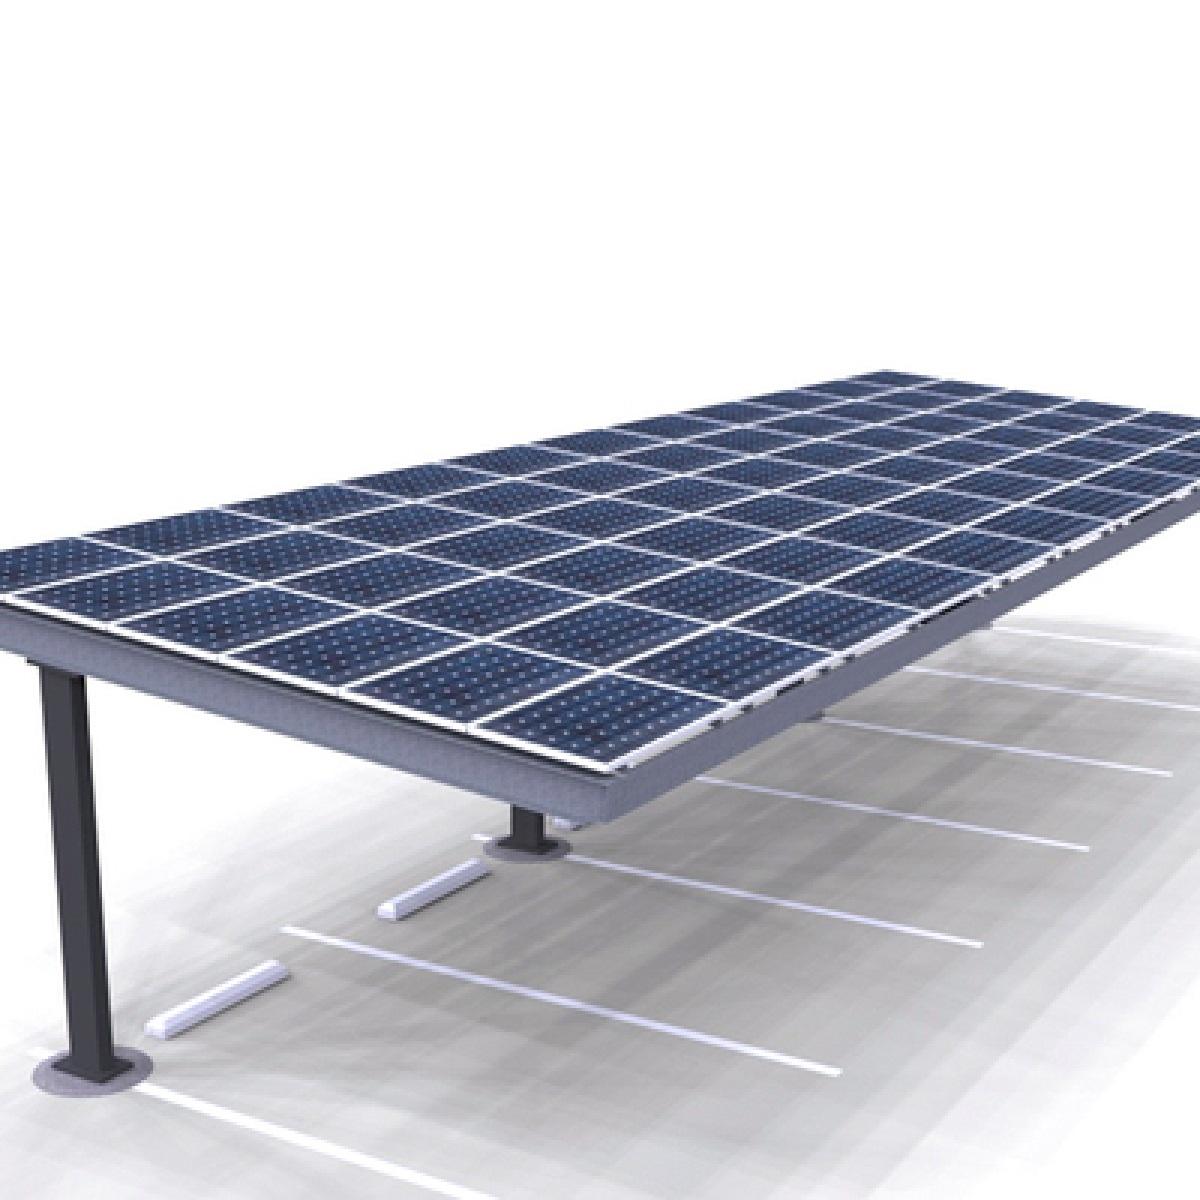 Carport Structures Solar Carport Single Column Single